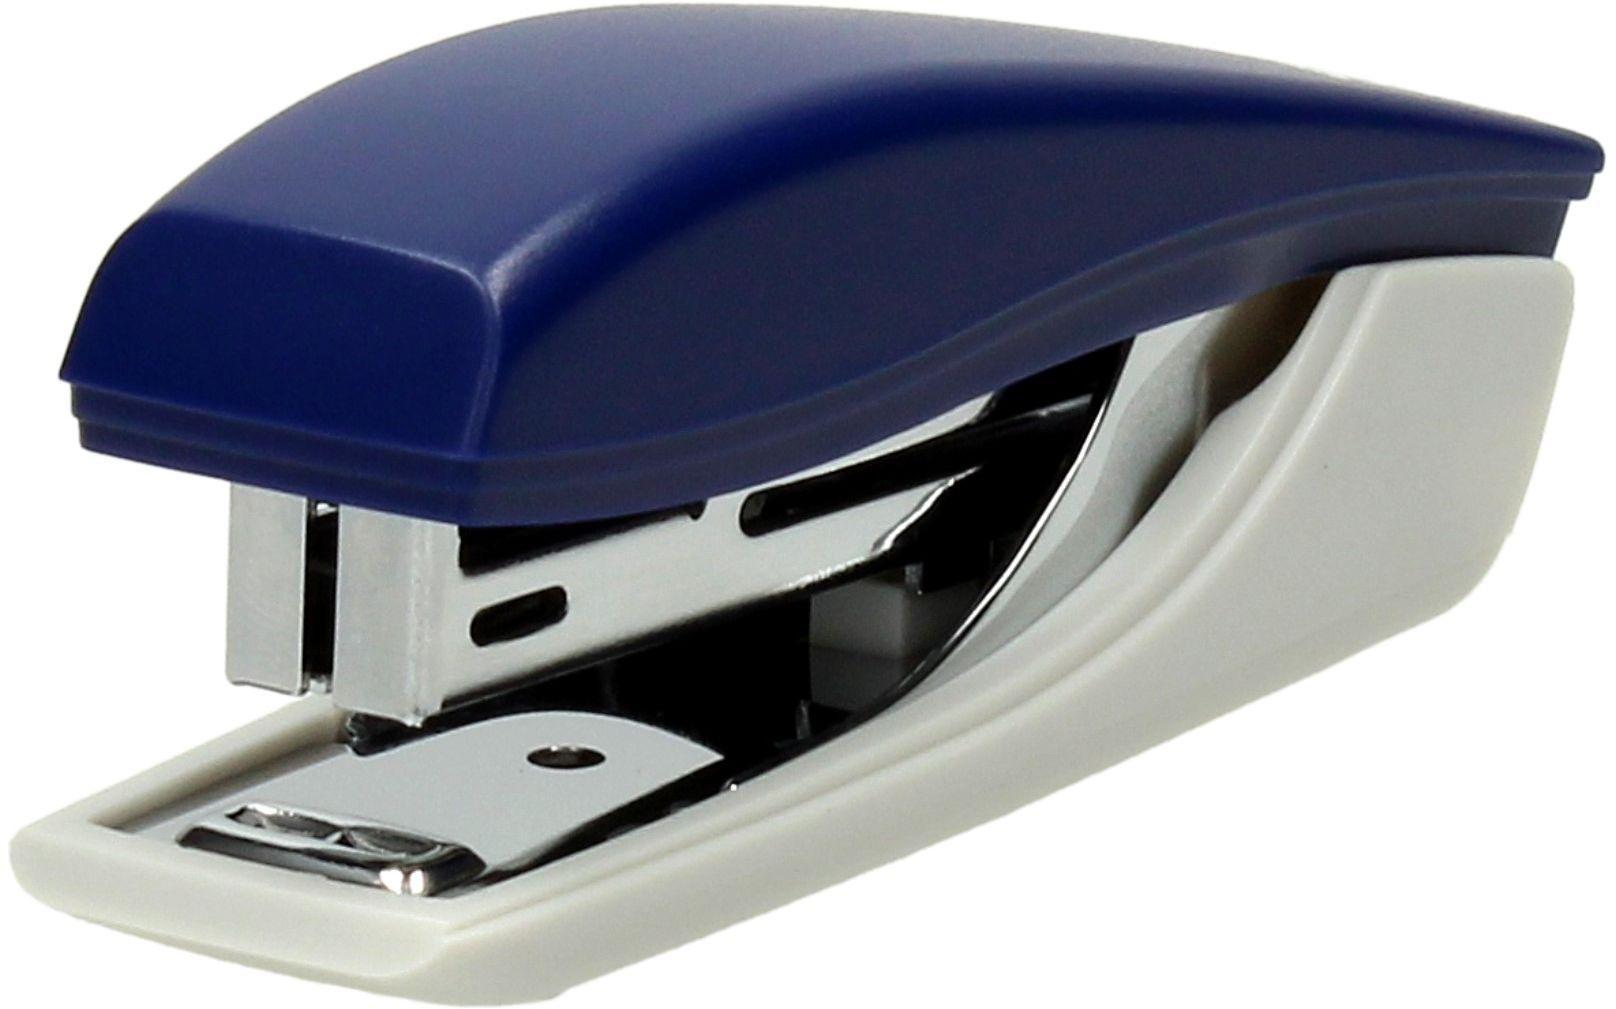 Zszywacz 10k mini NewNexxt niebieski Leitz 5517